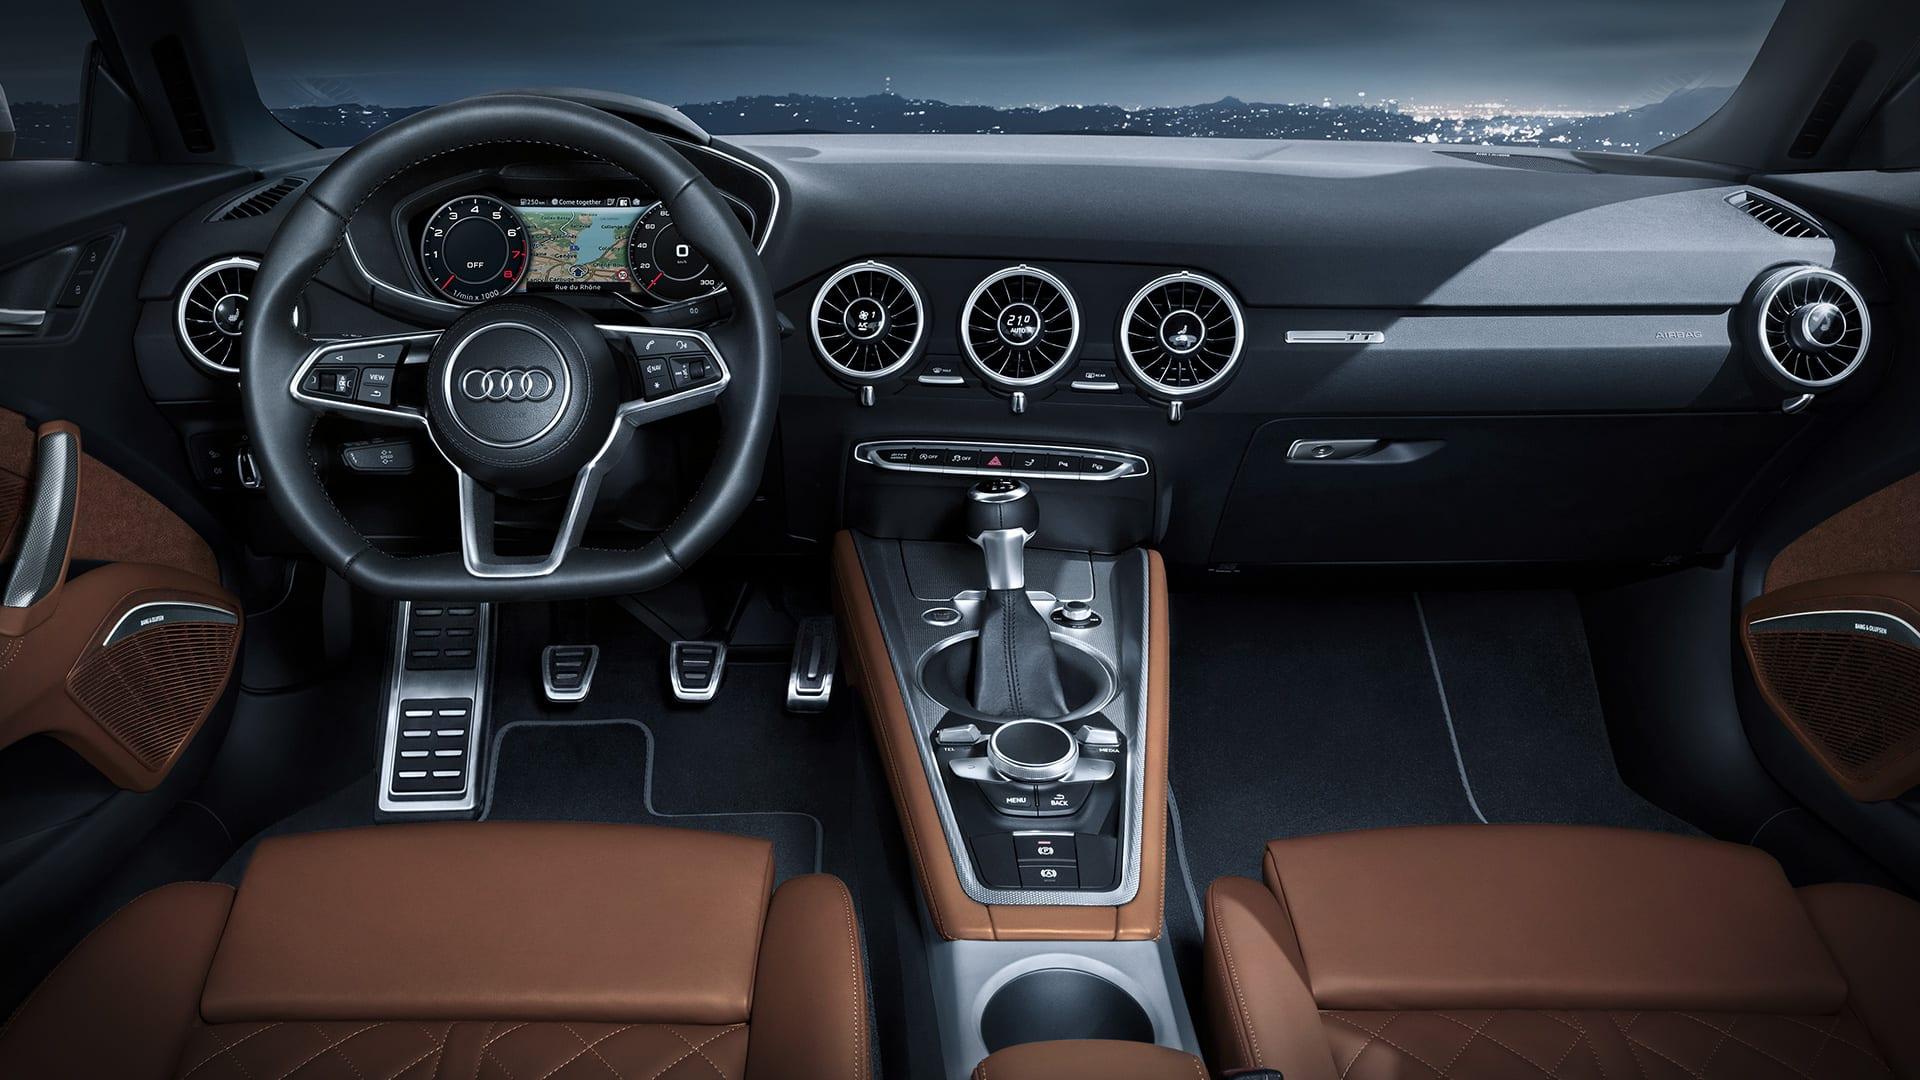 Audi TT Coupé Iconic Sports Car Audi Australia TT Audi - Audi tt